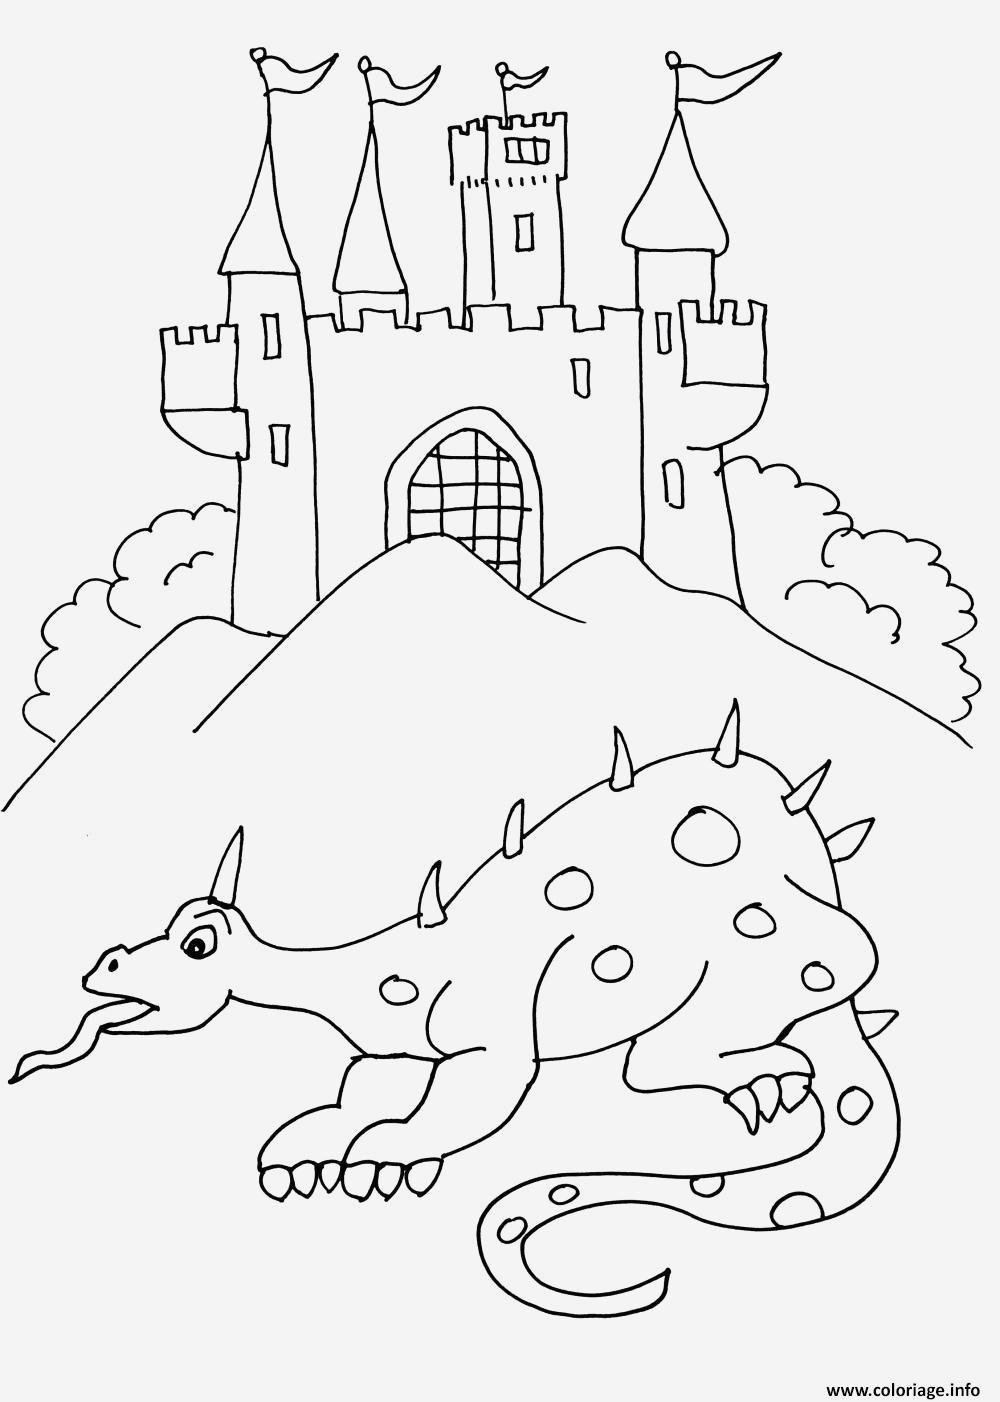 Coloriage Chateau Princesse Gratuit Archives - Coloriages destiné Chateau Princesse Dessin